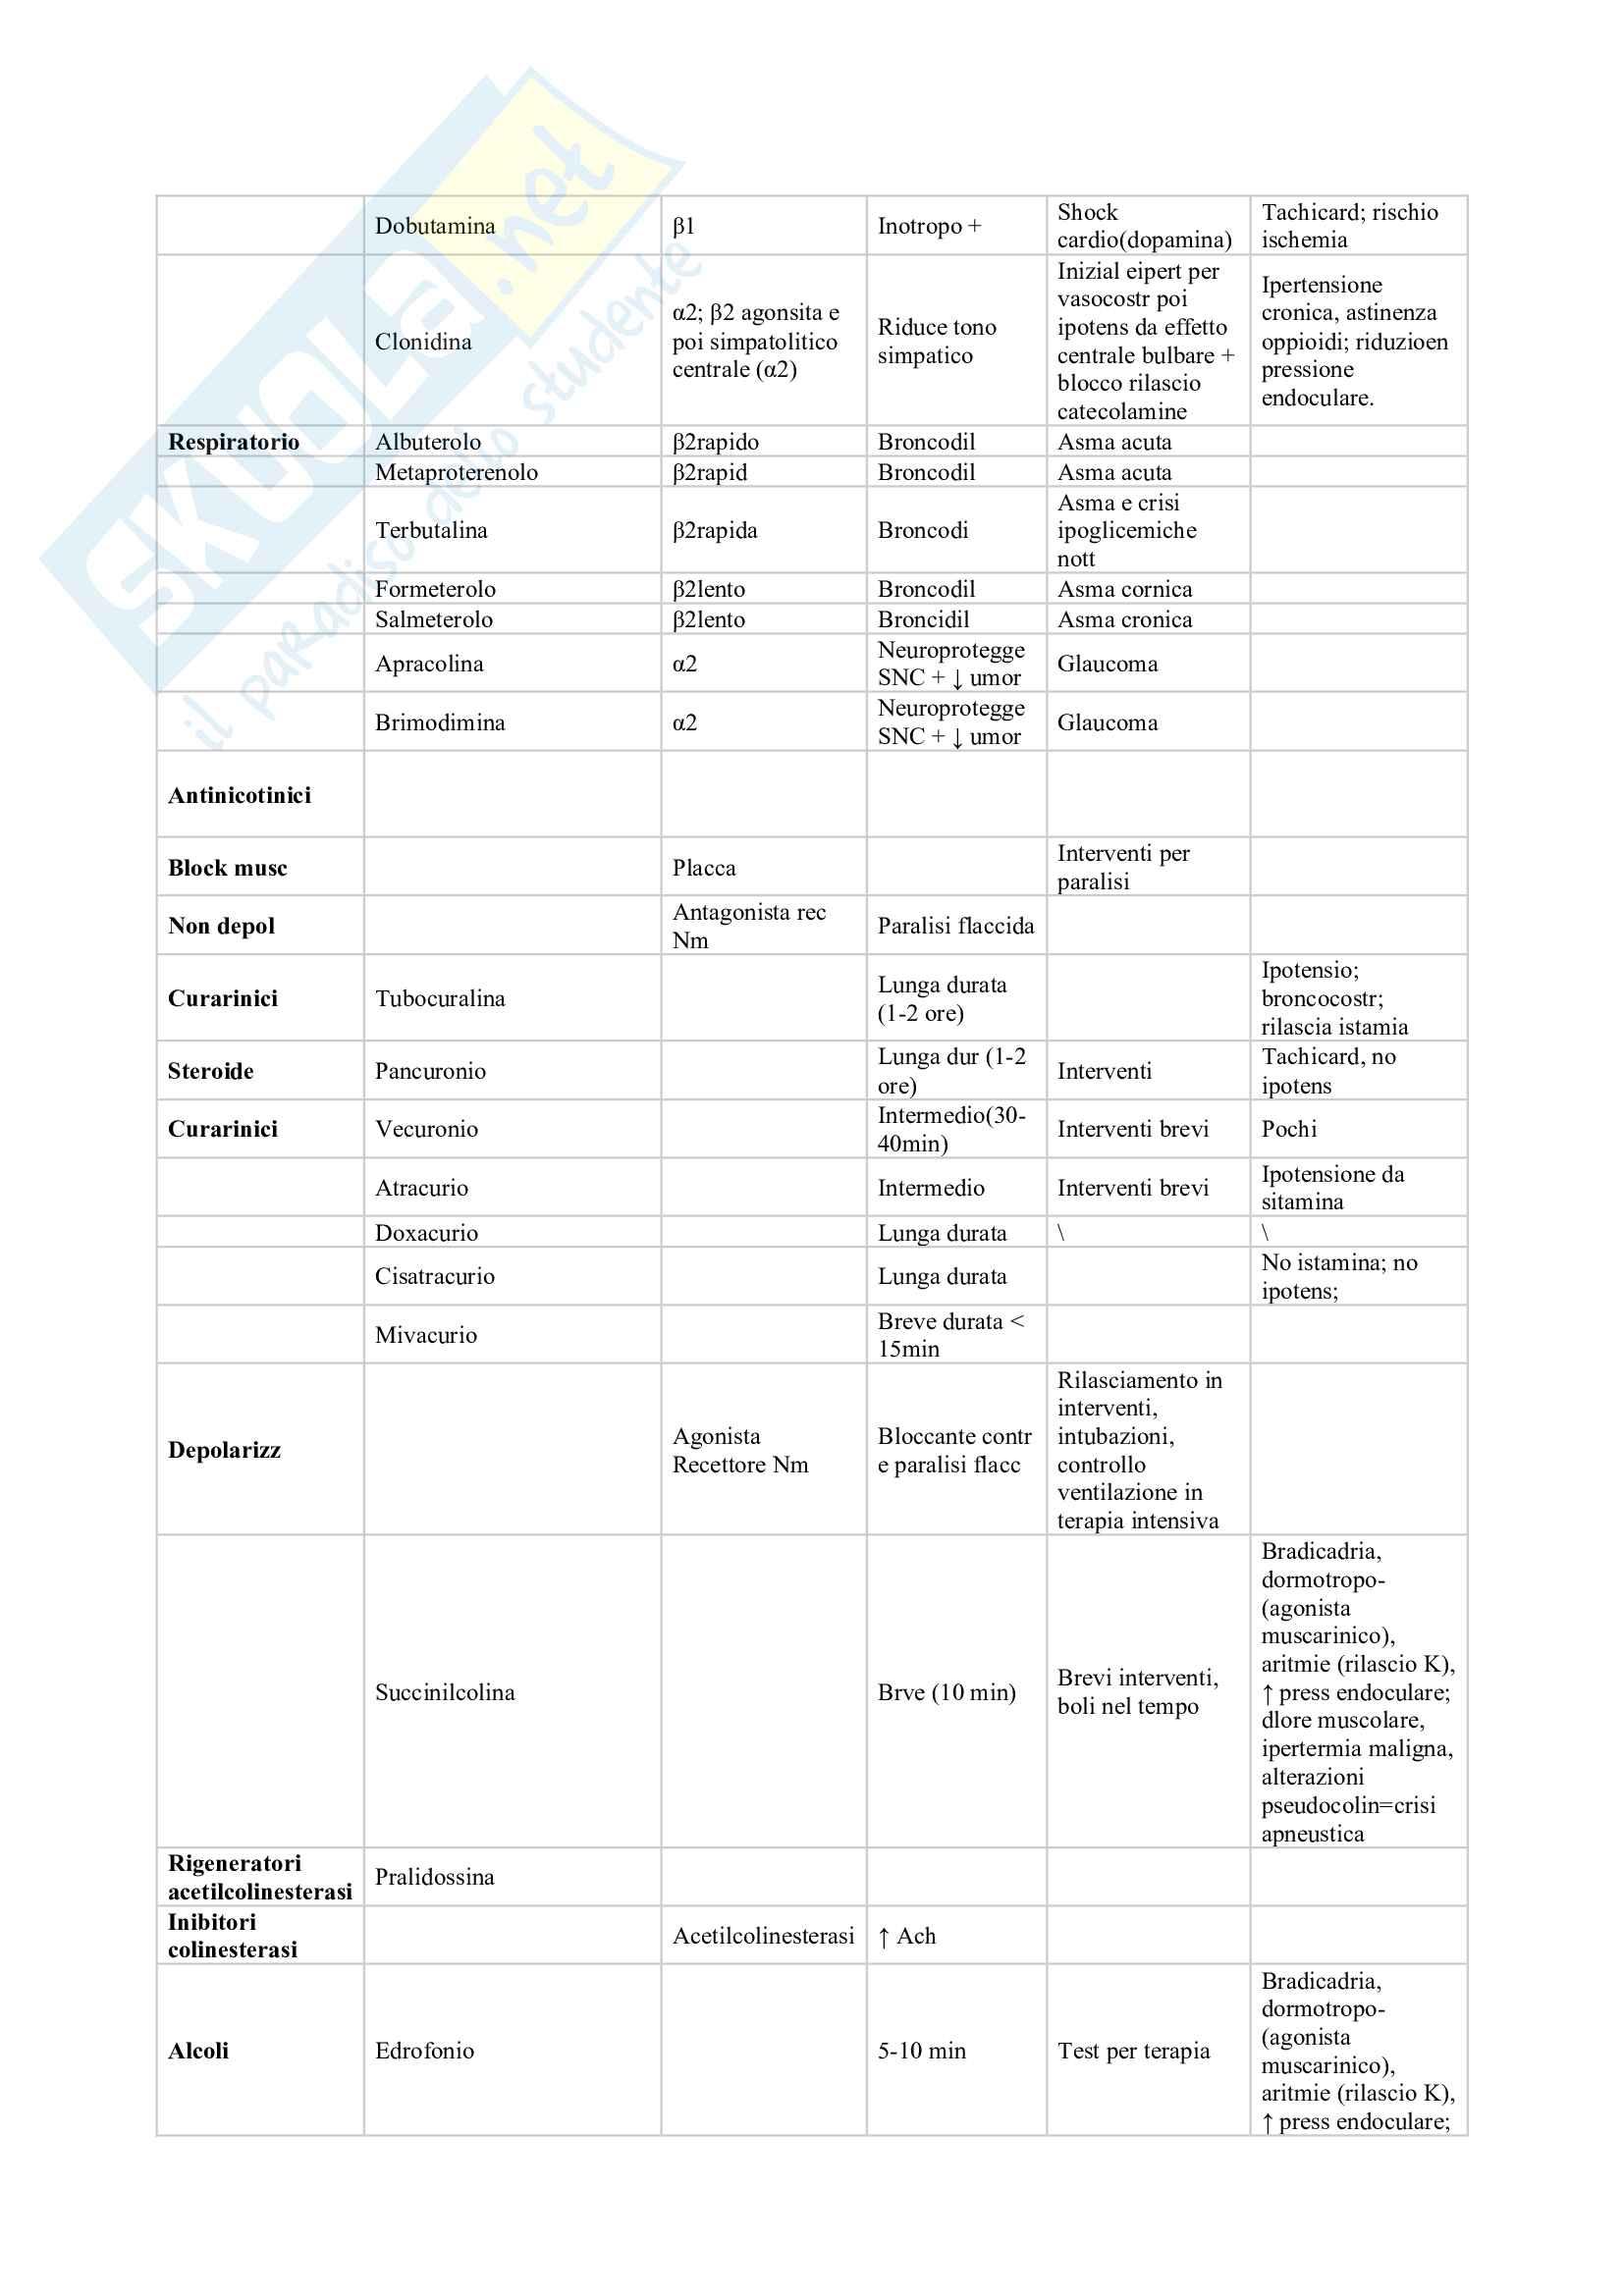 Schema dei farmaci completo Pag. 6